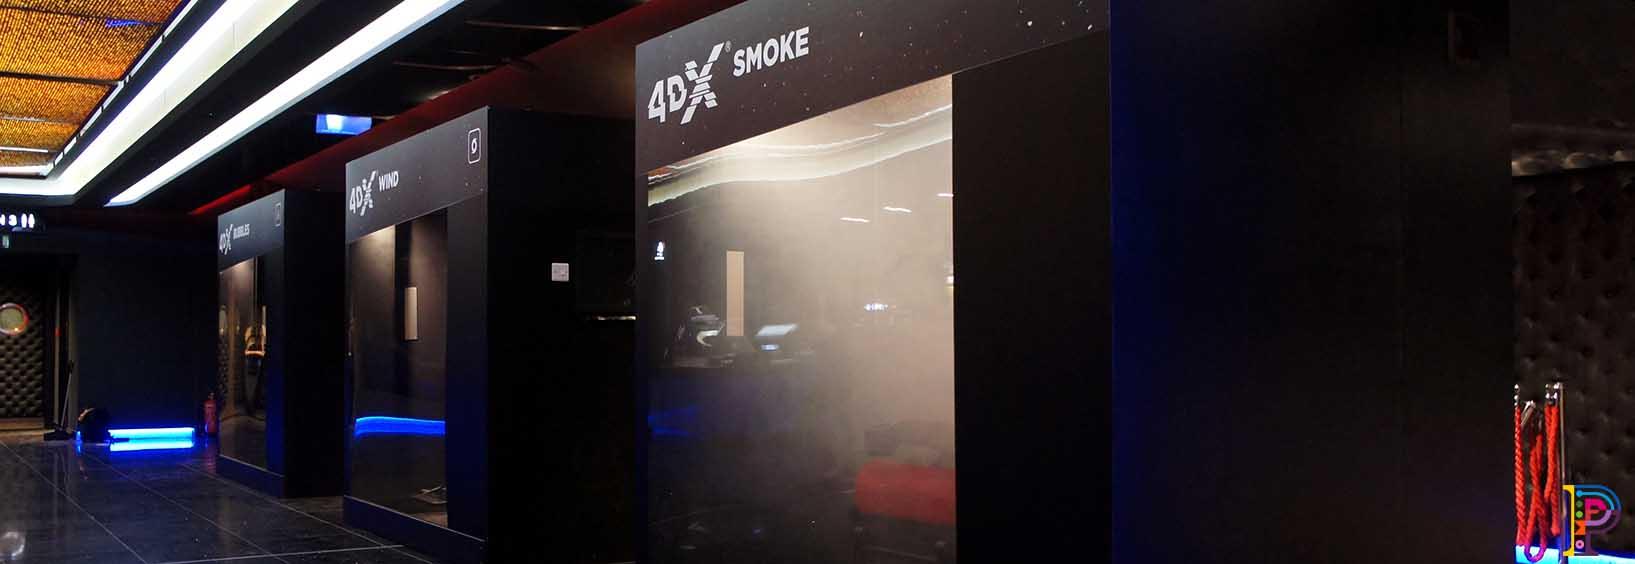 4D sensorial booths